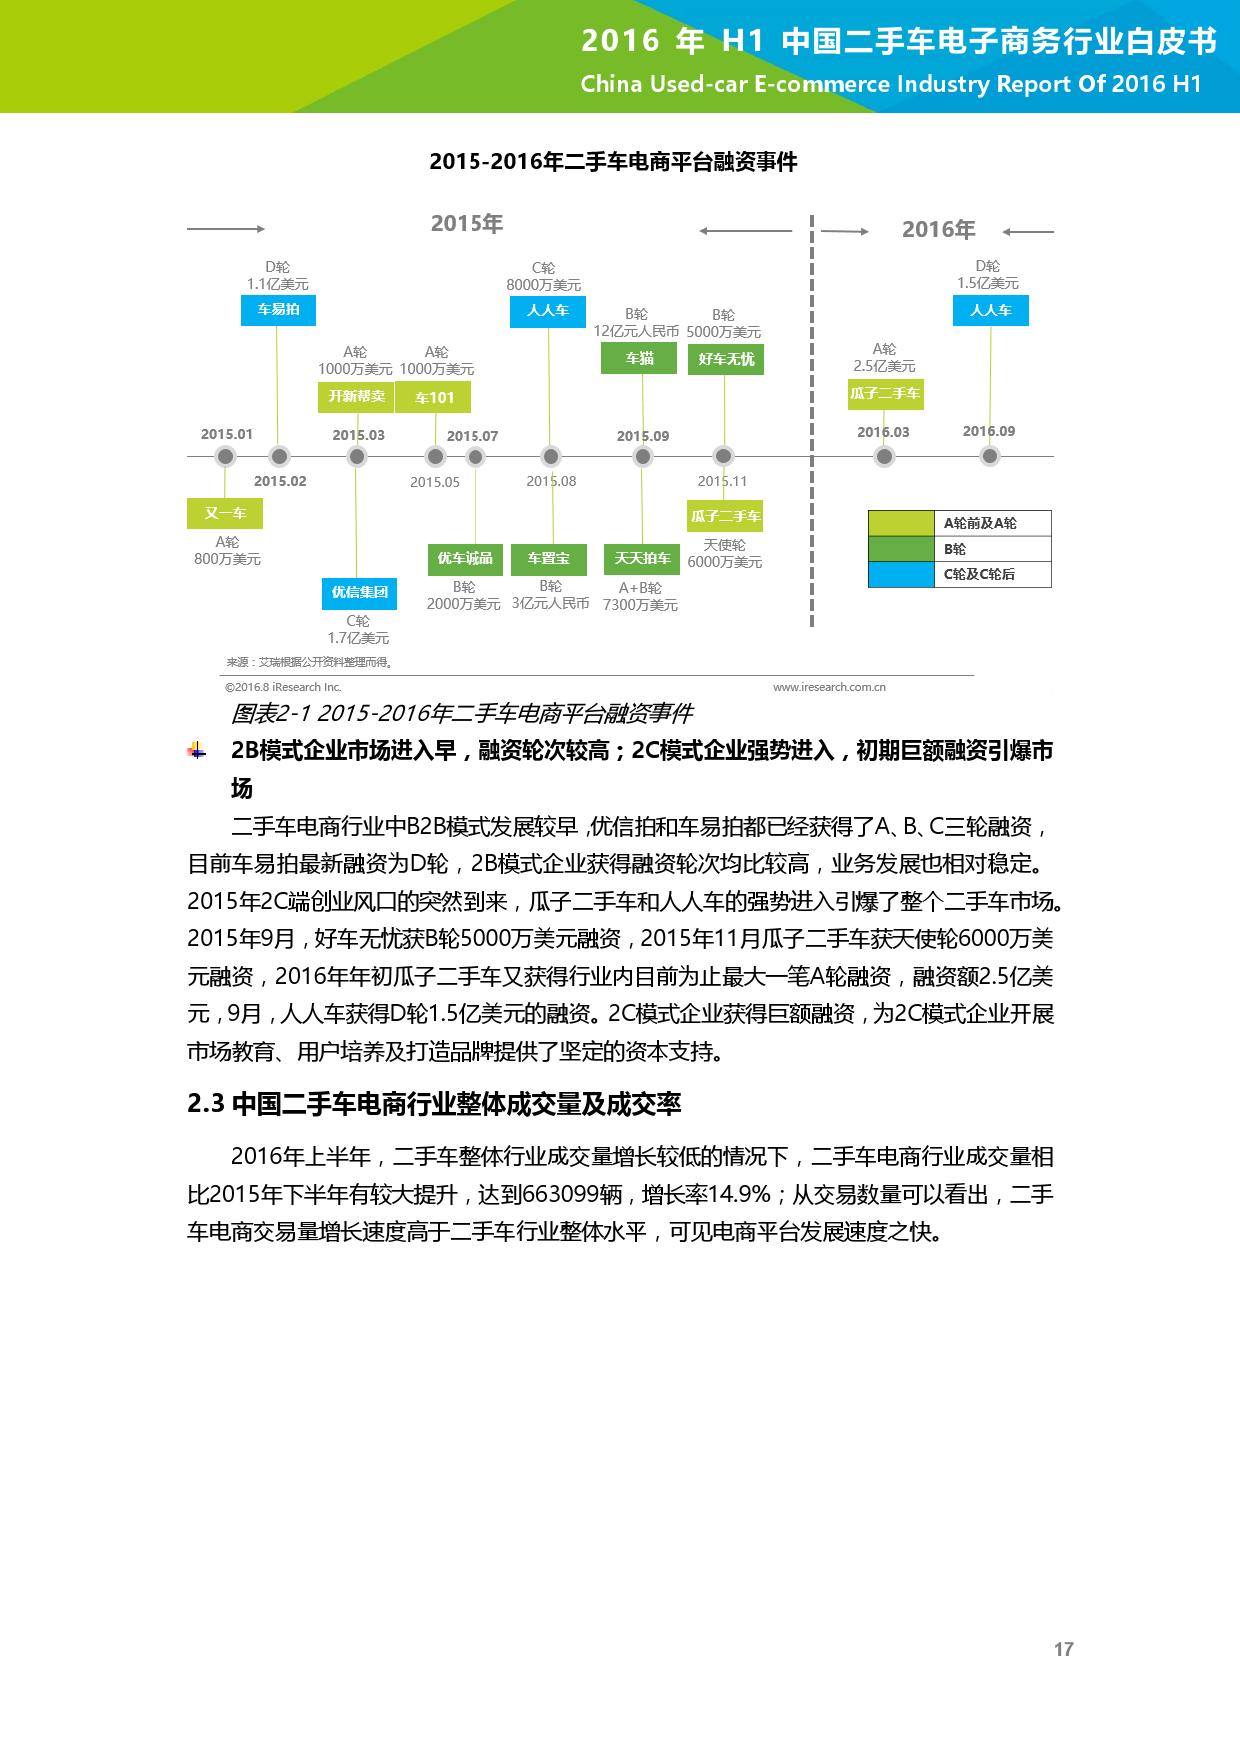 2016年H1中国二手车电子商务行业白皮书_000018